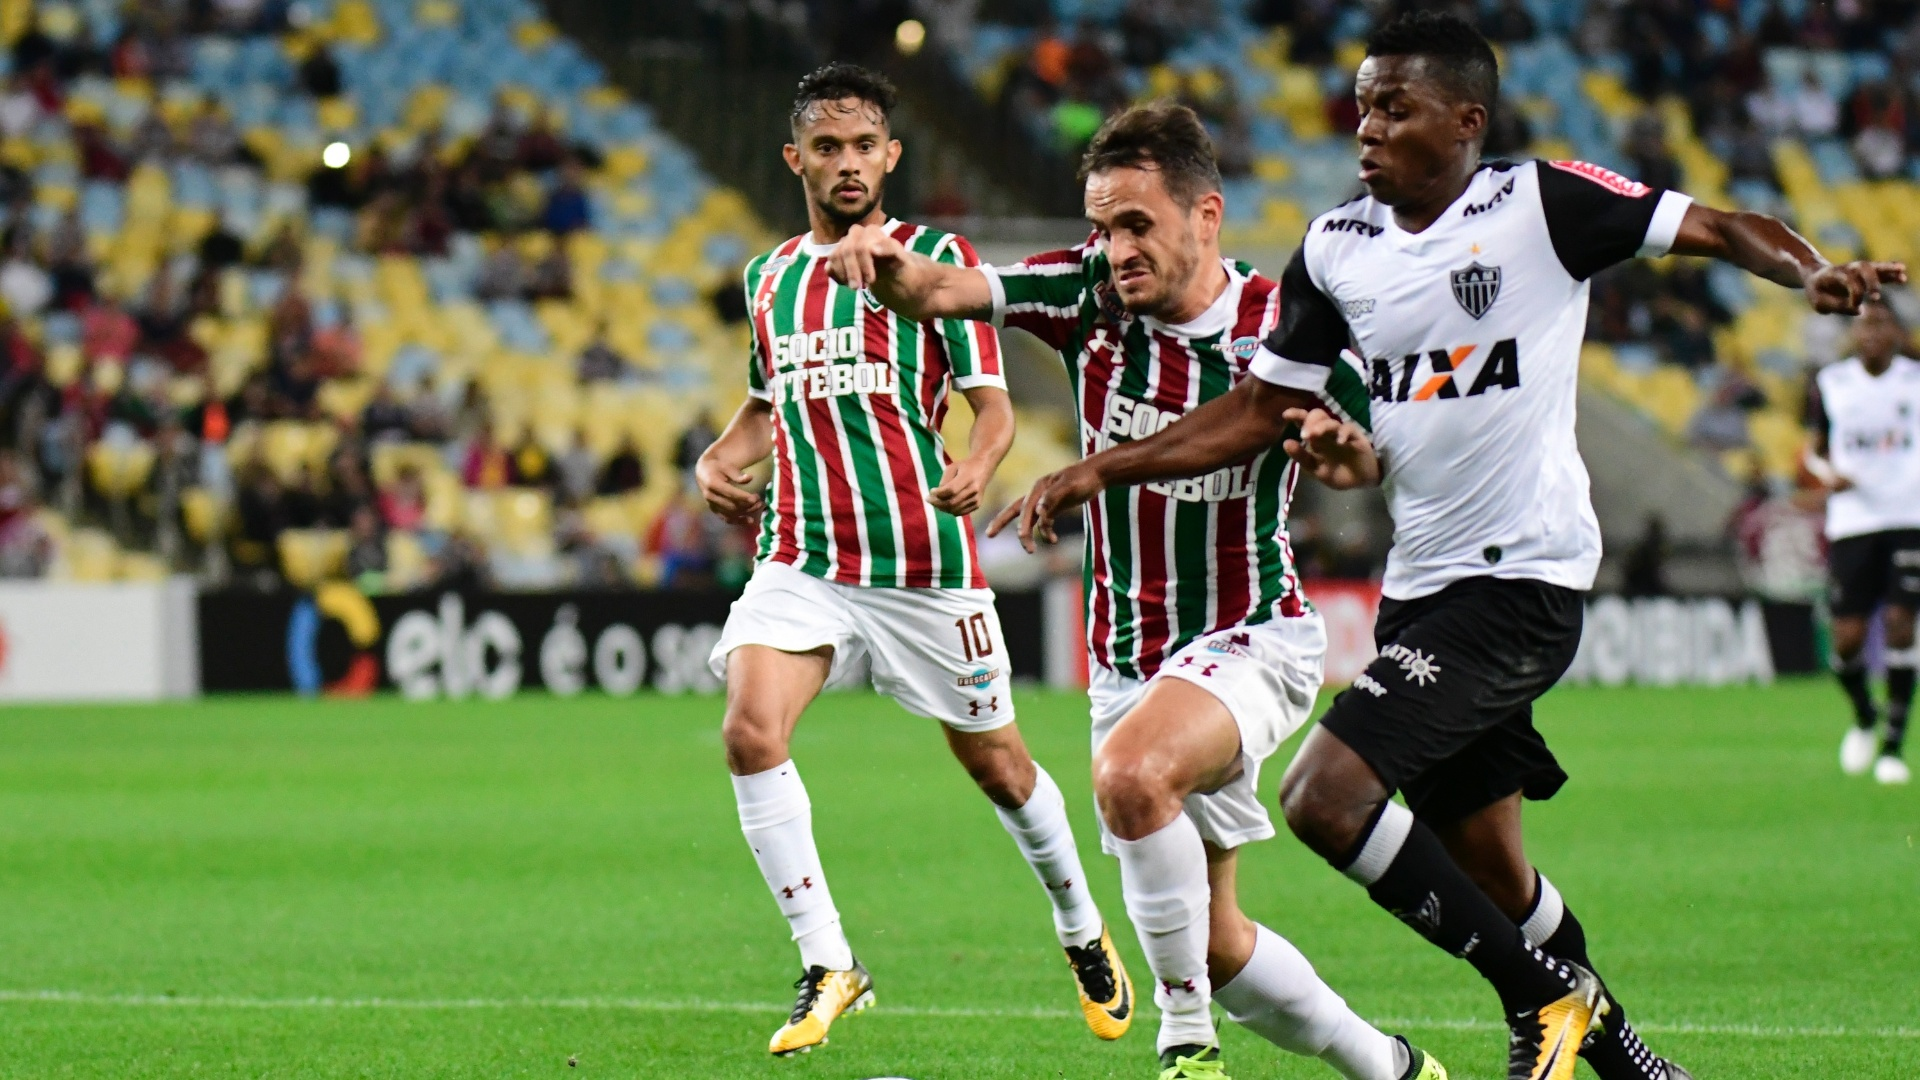 Lucas do Fluminense disputa lance com Cazares do Atletico-MG pelo Campeonato Brasileiro